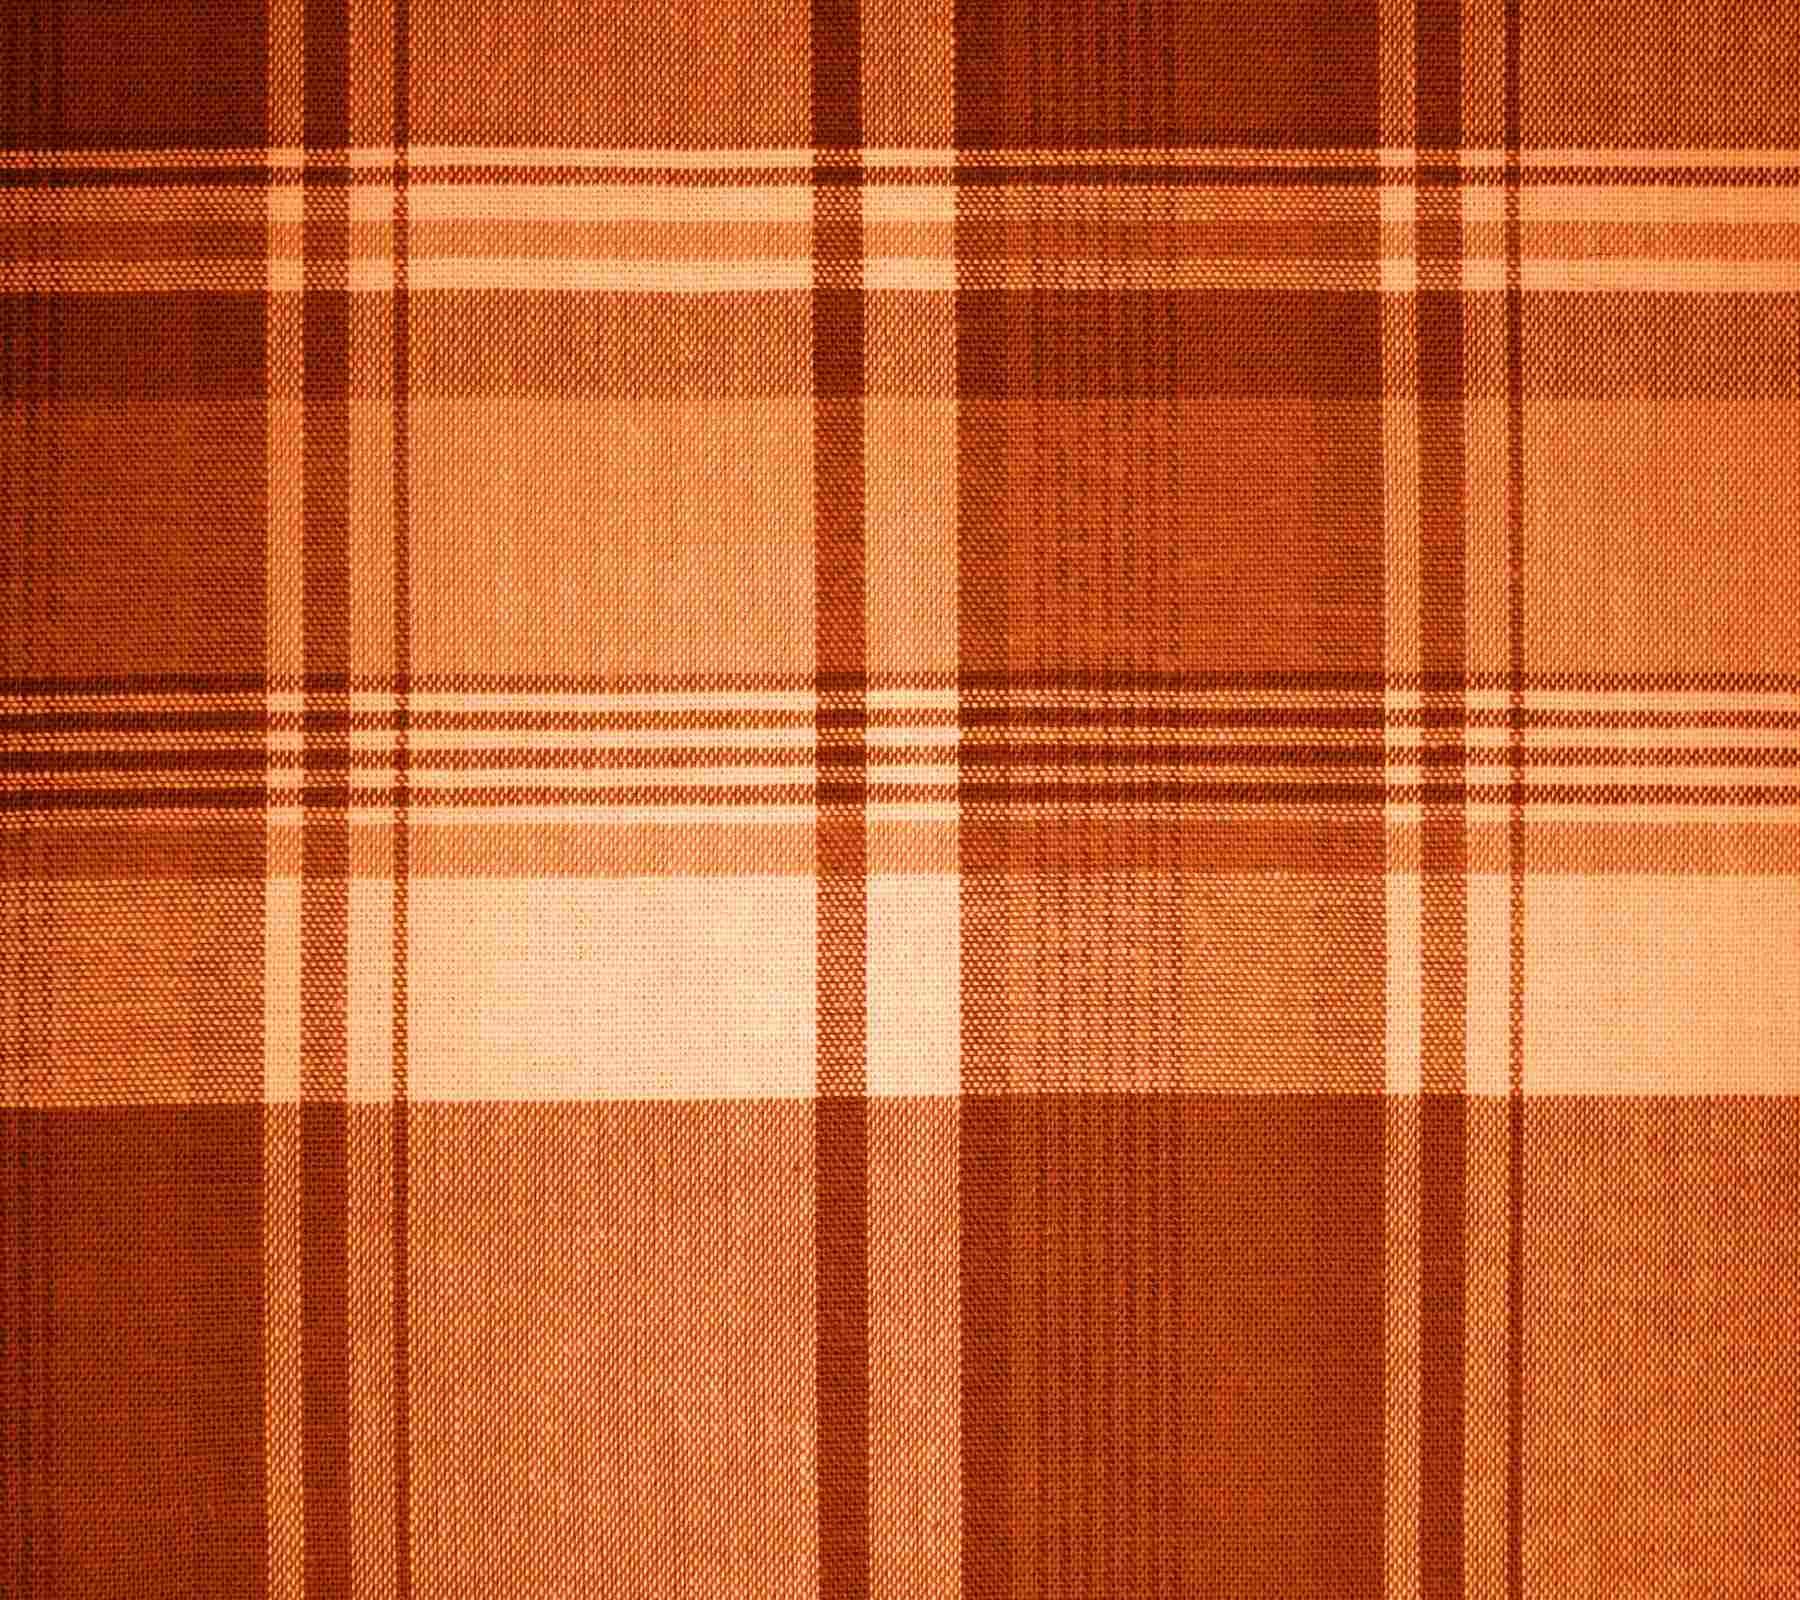 Orange Plaid Fabric Background 1800x1600 Background Image